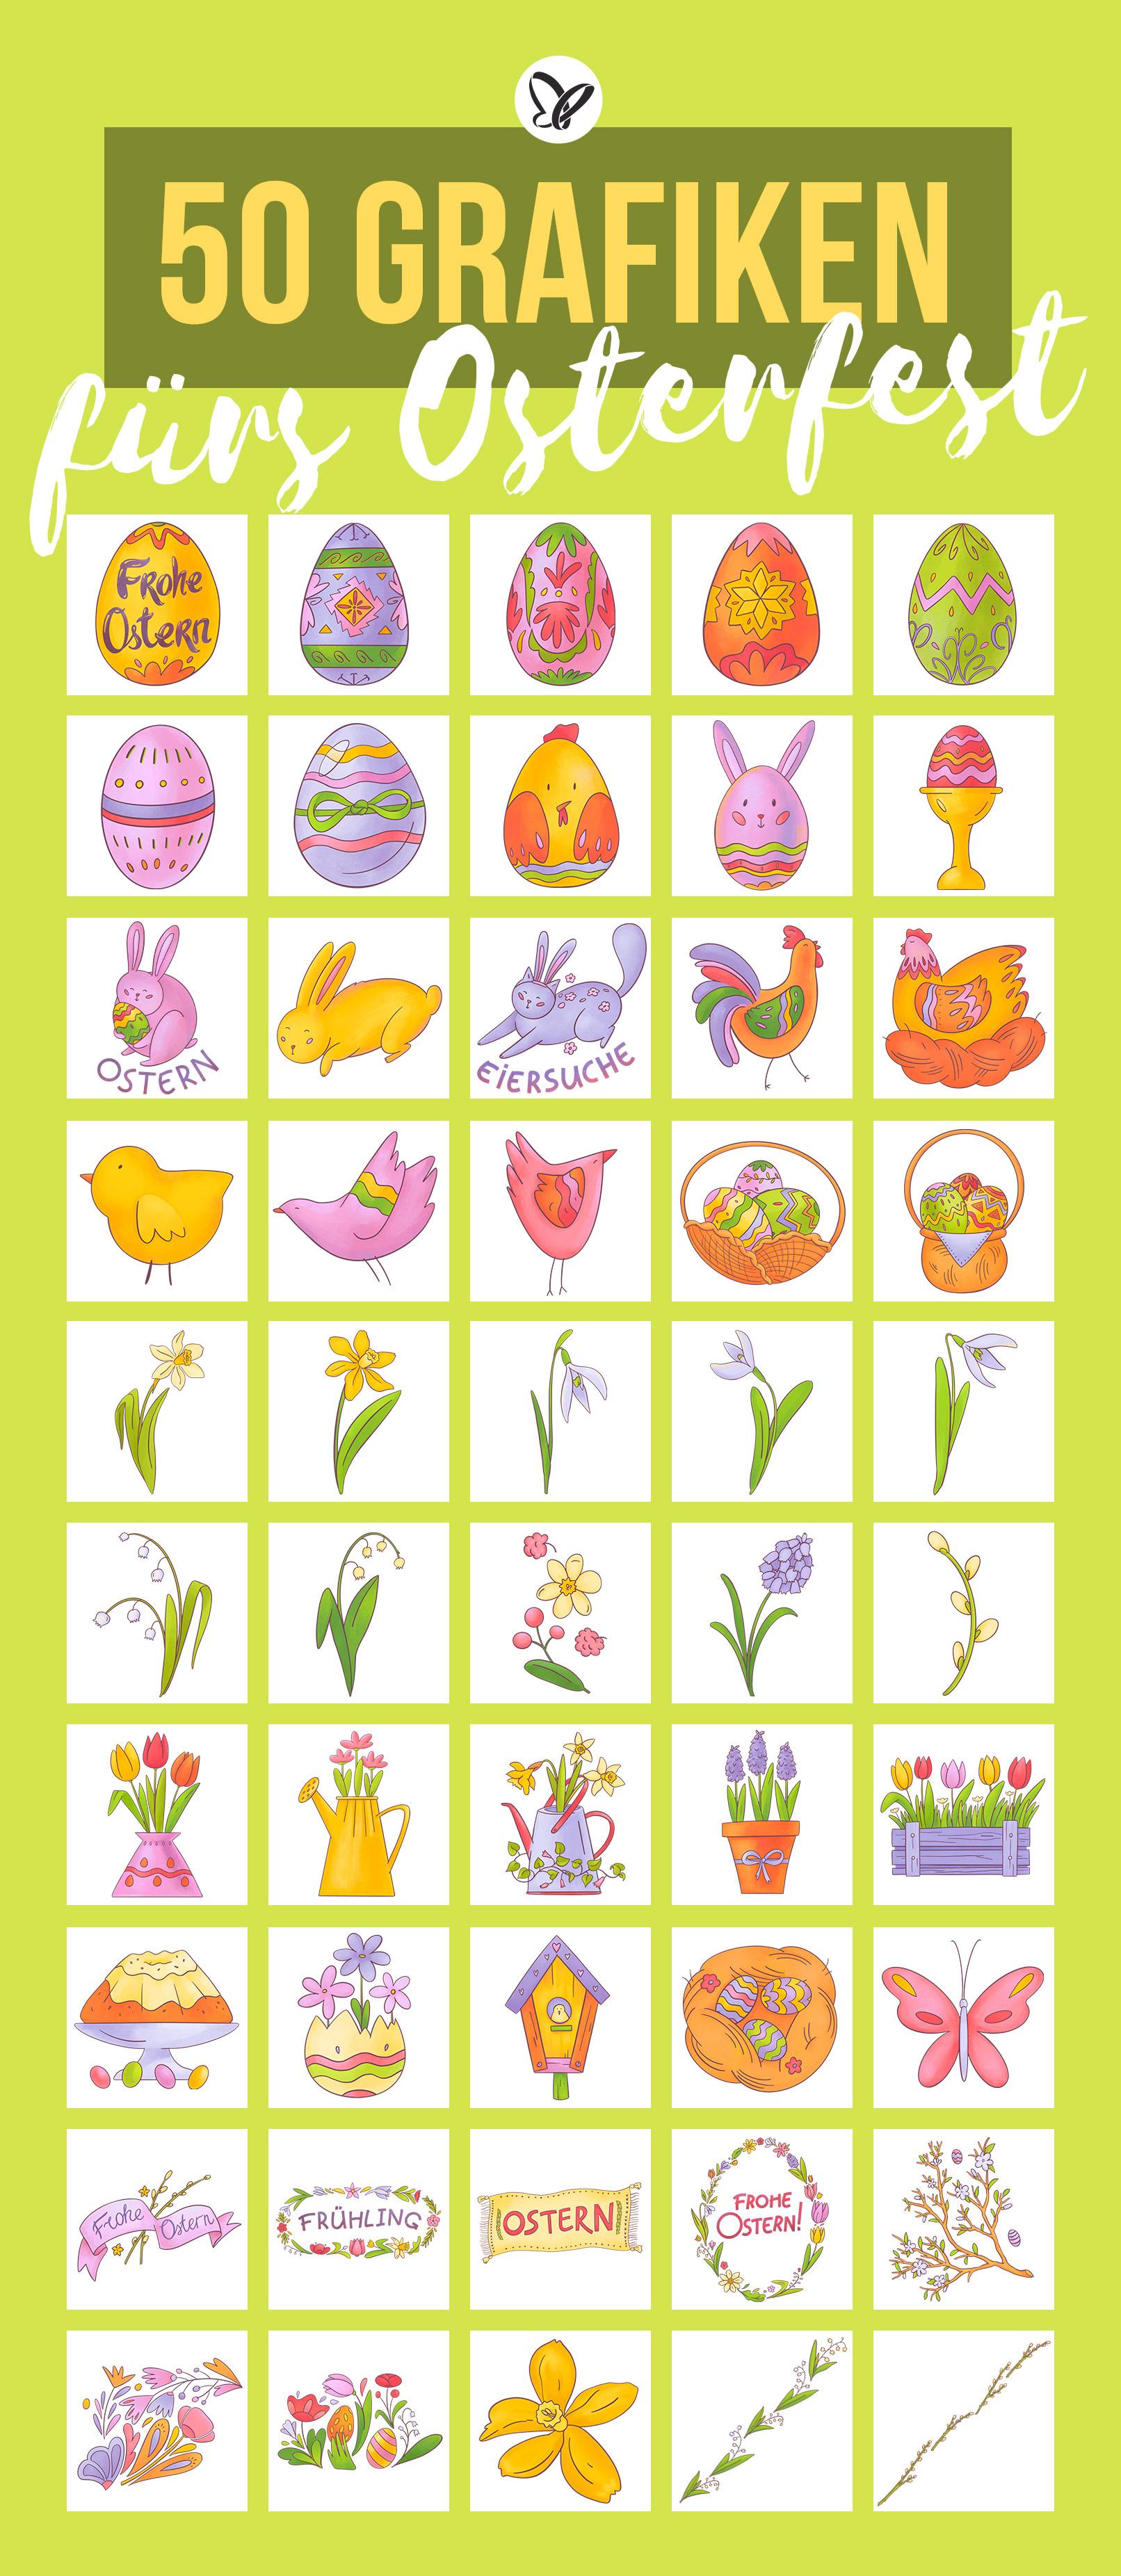 Vorschau auf 50 Grafiken für Ostern mit Osterhasen, Ostereiern, Hühnern, Küken und Co.